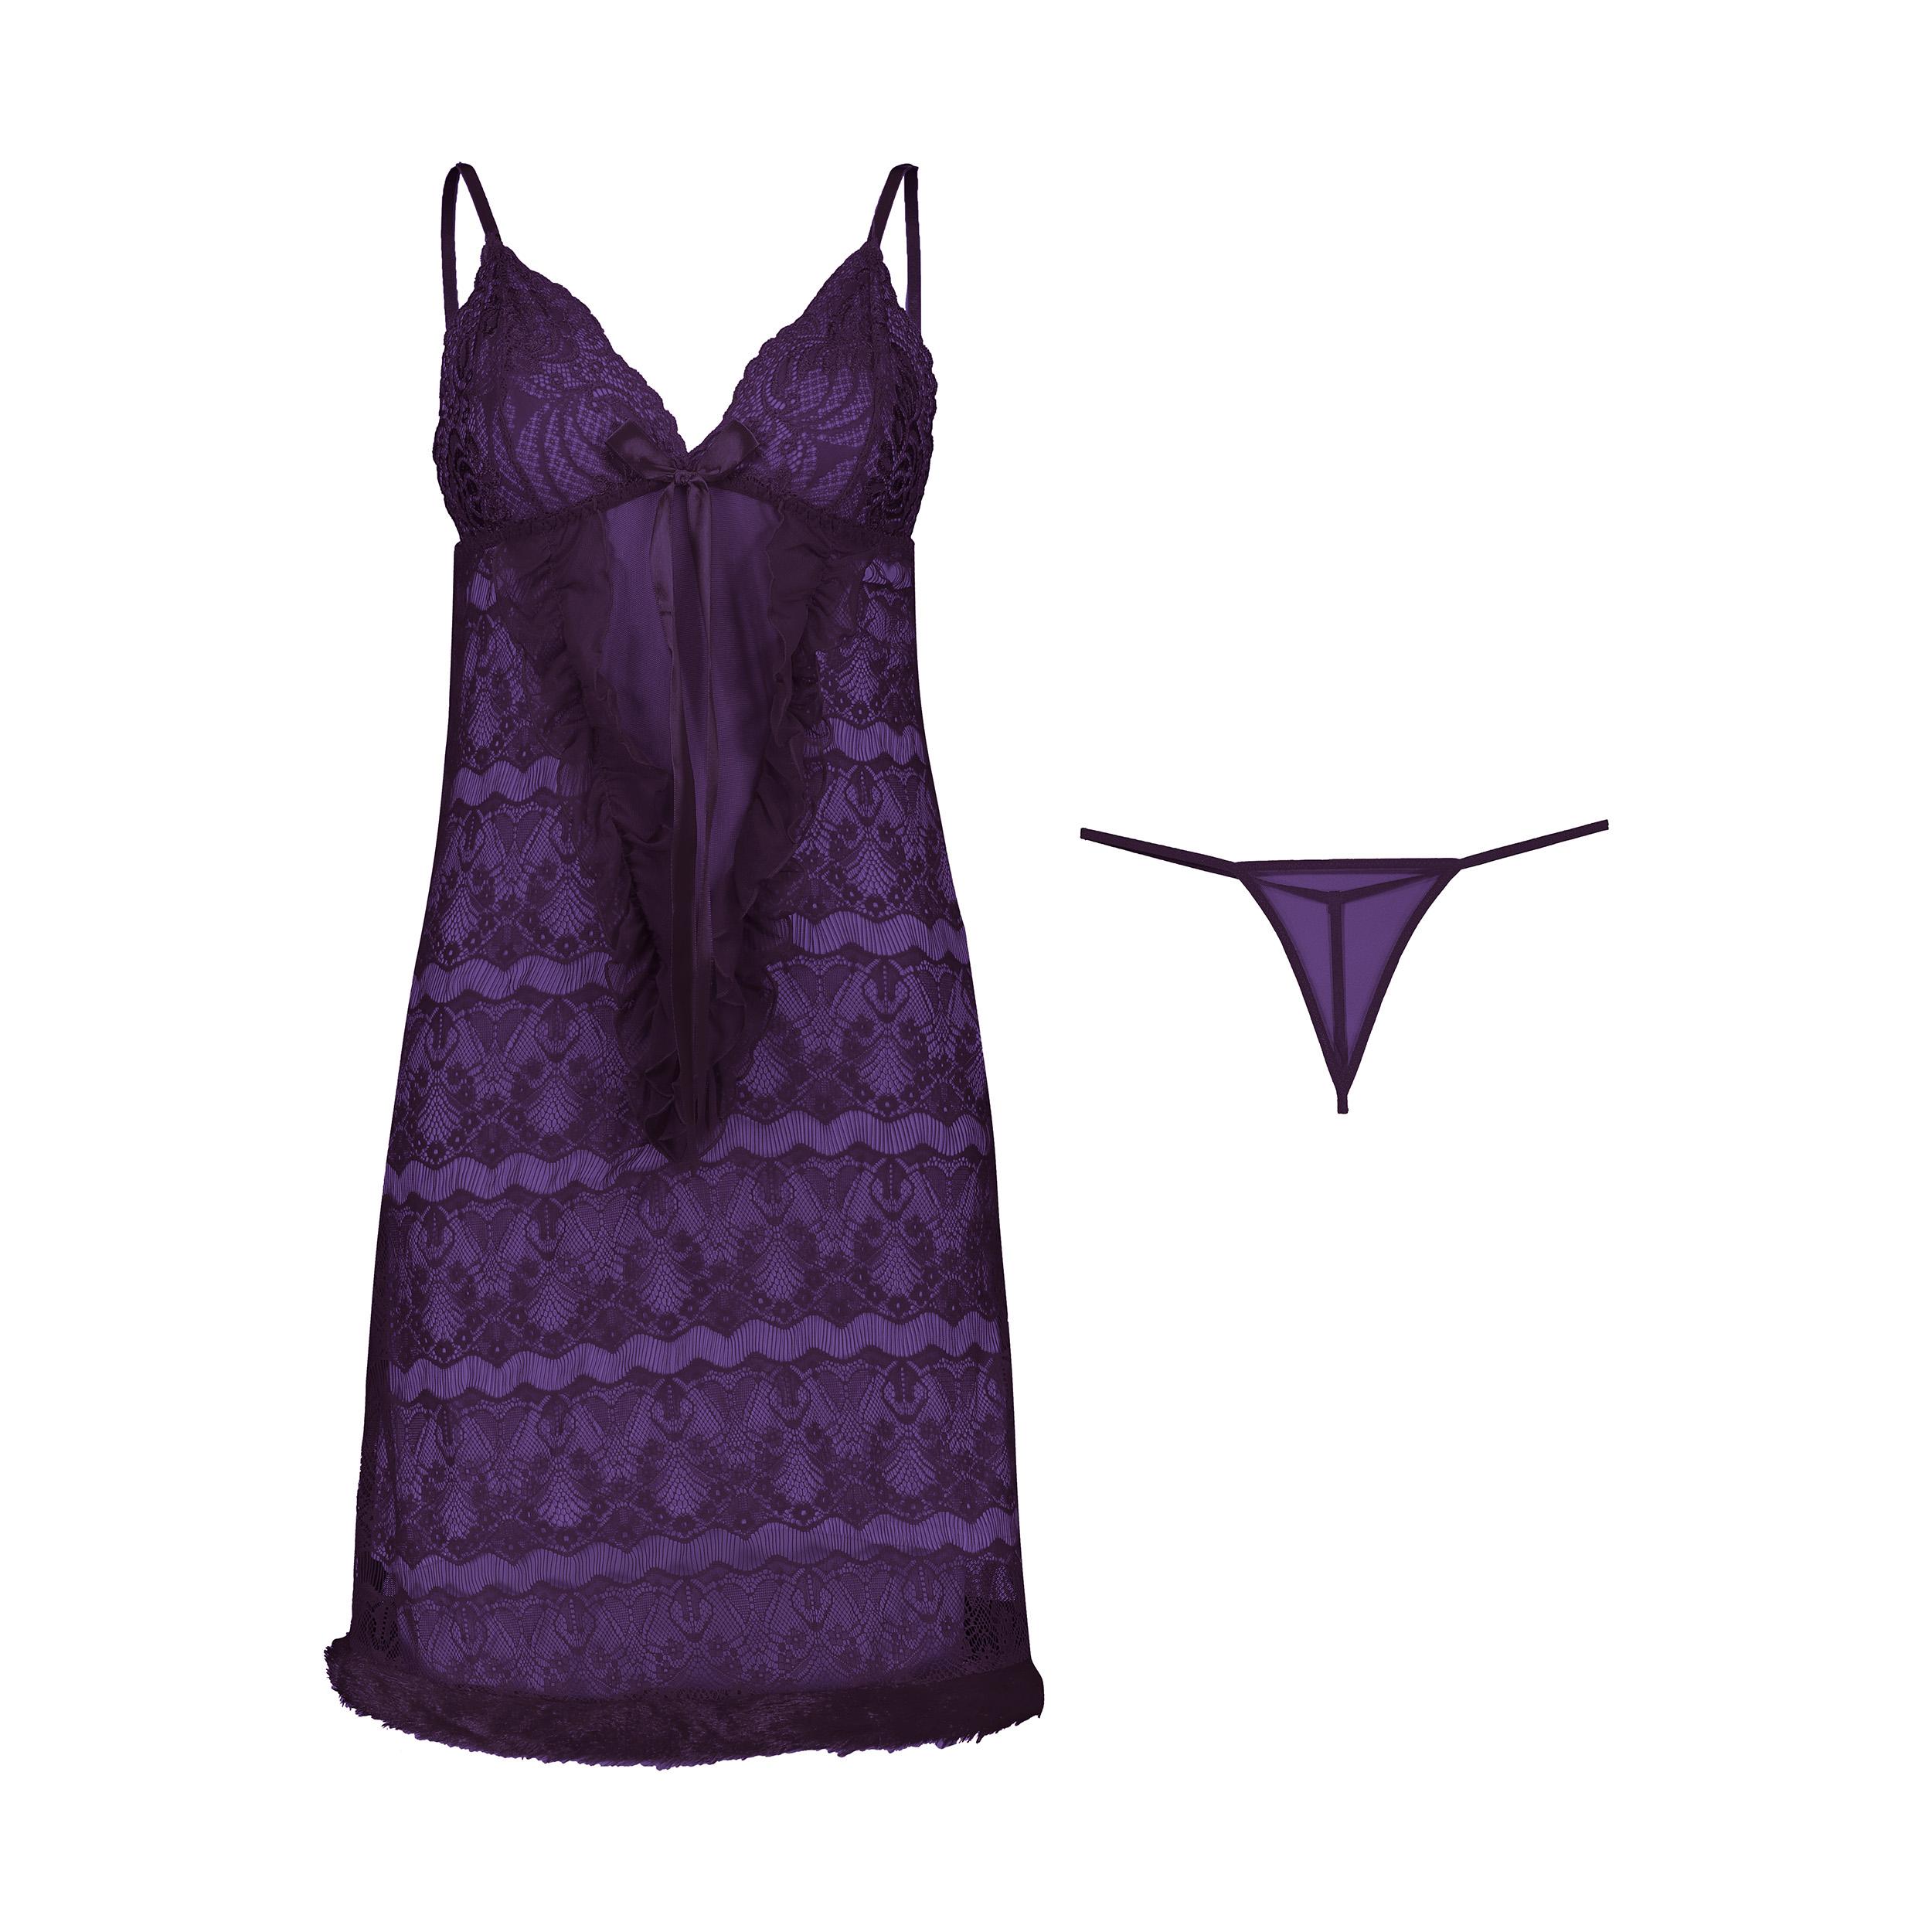 لباس خواب زنانه کد 340852203